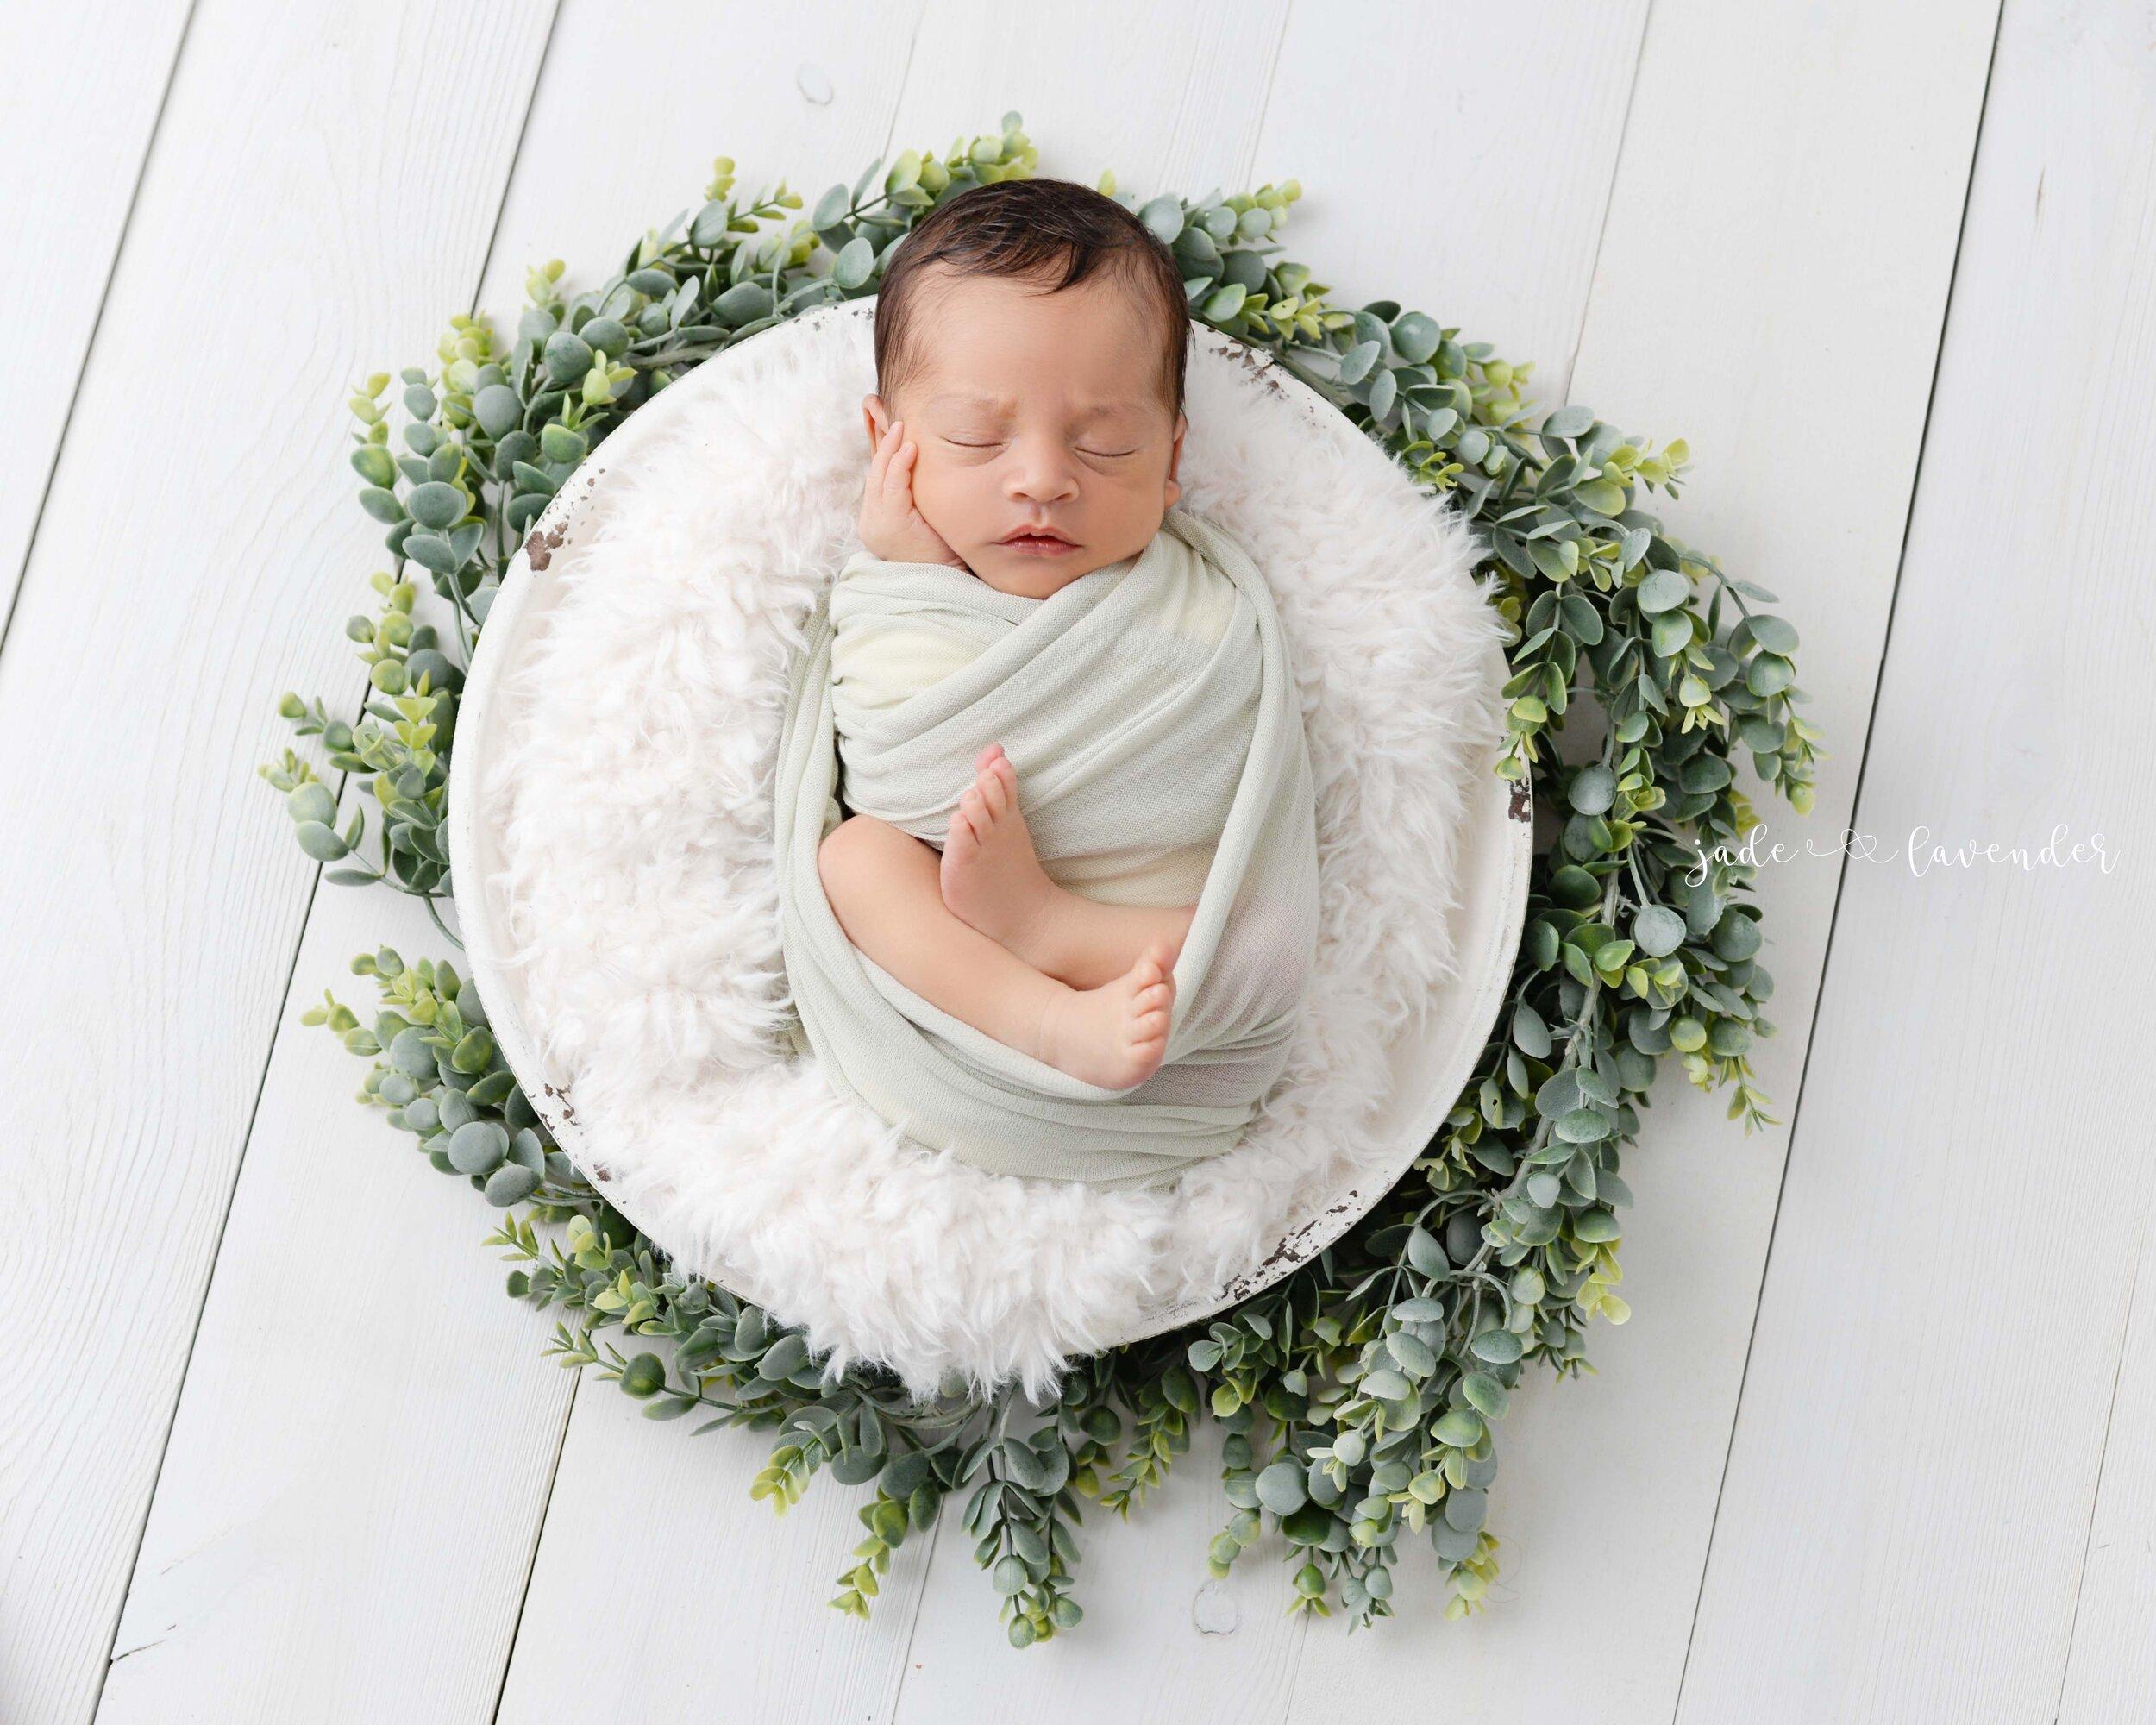 Newborn-family-photos-baby-images-infant-photography-spokane-washington (5 of 7).jpg